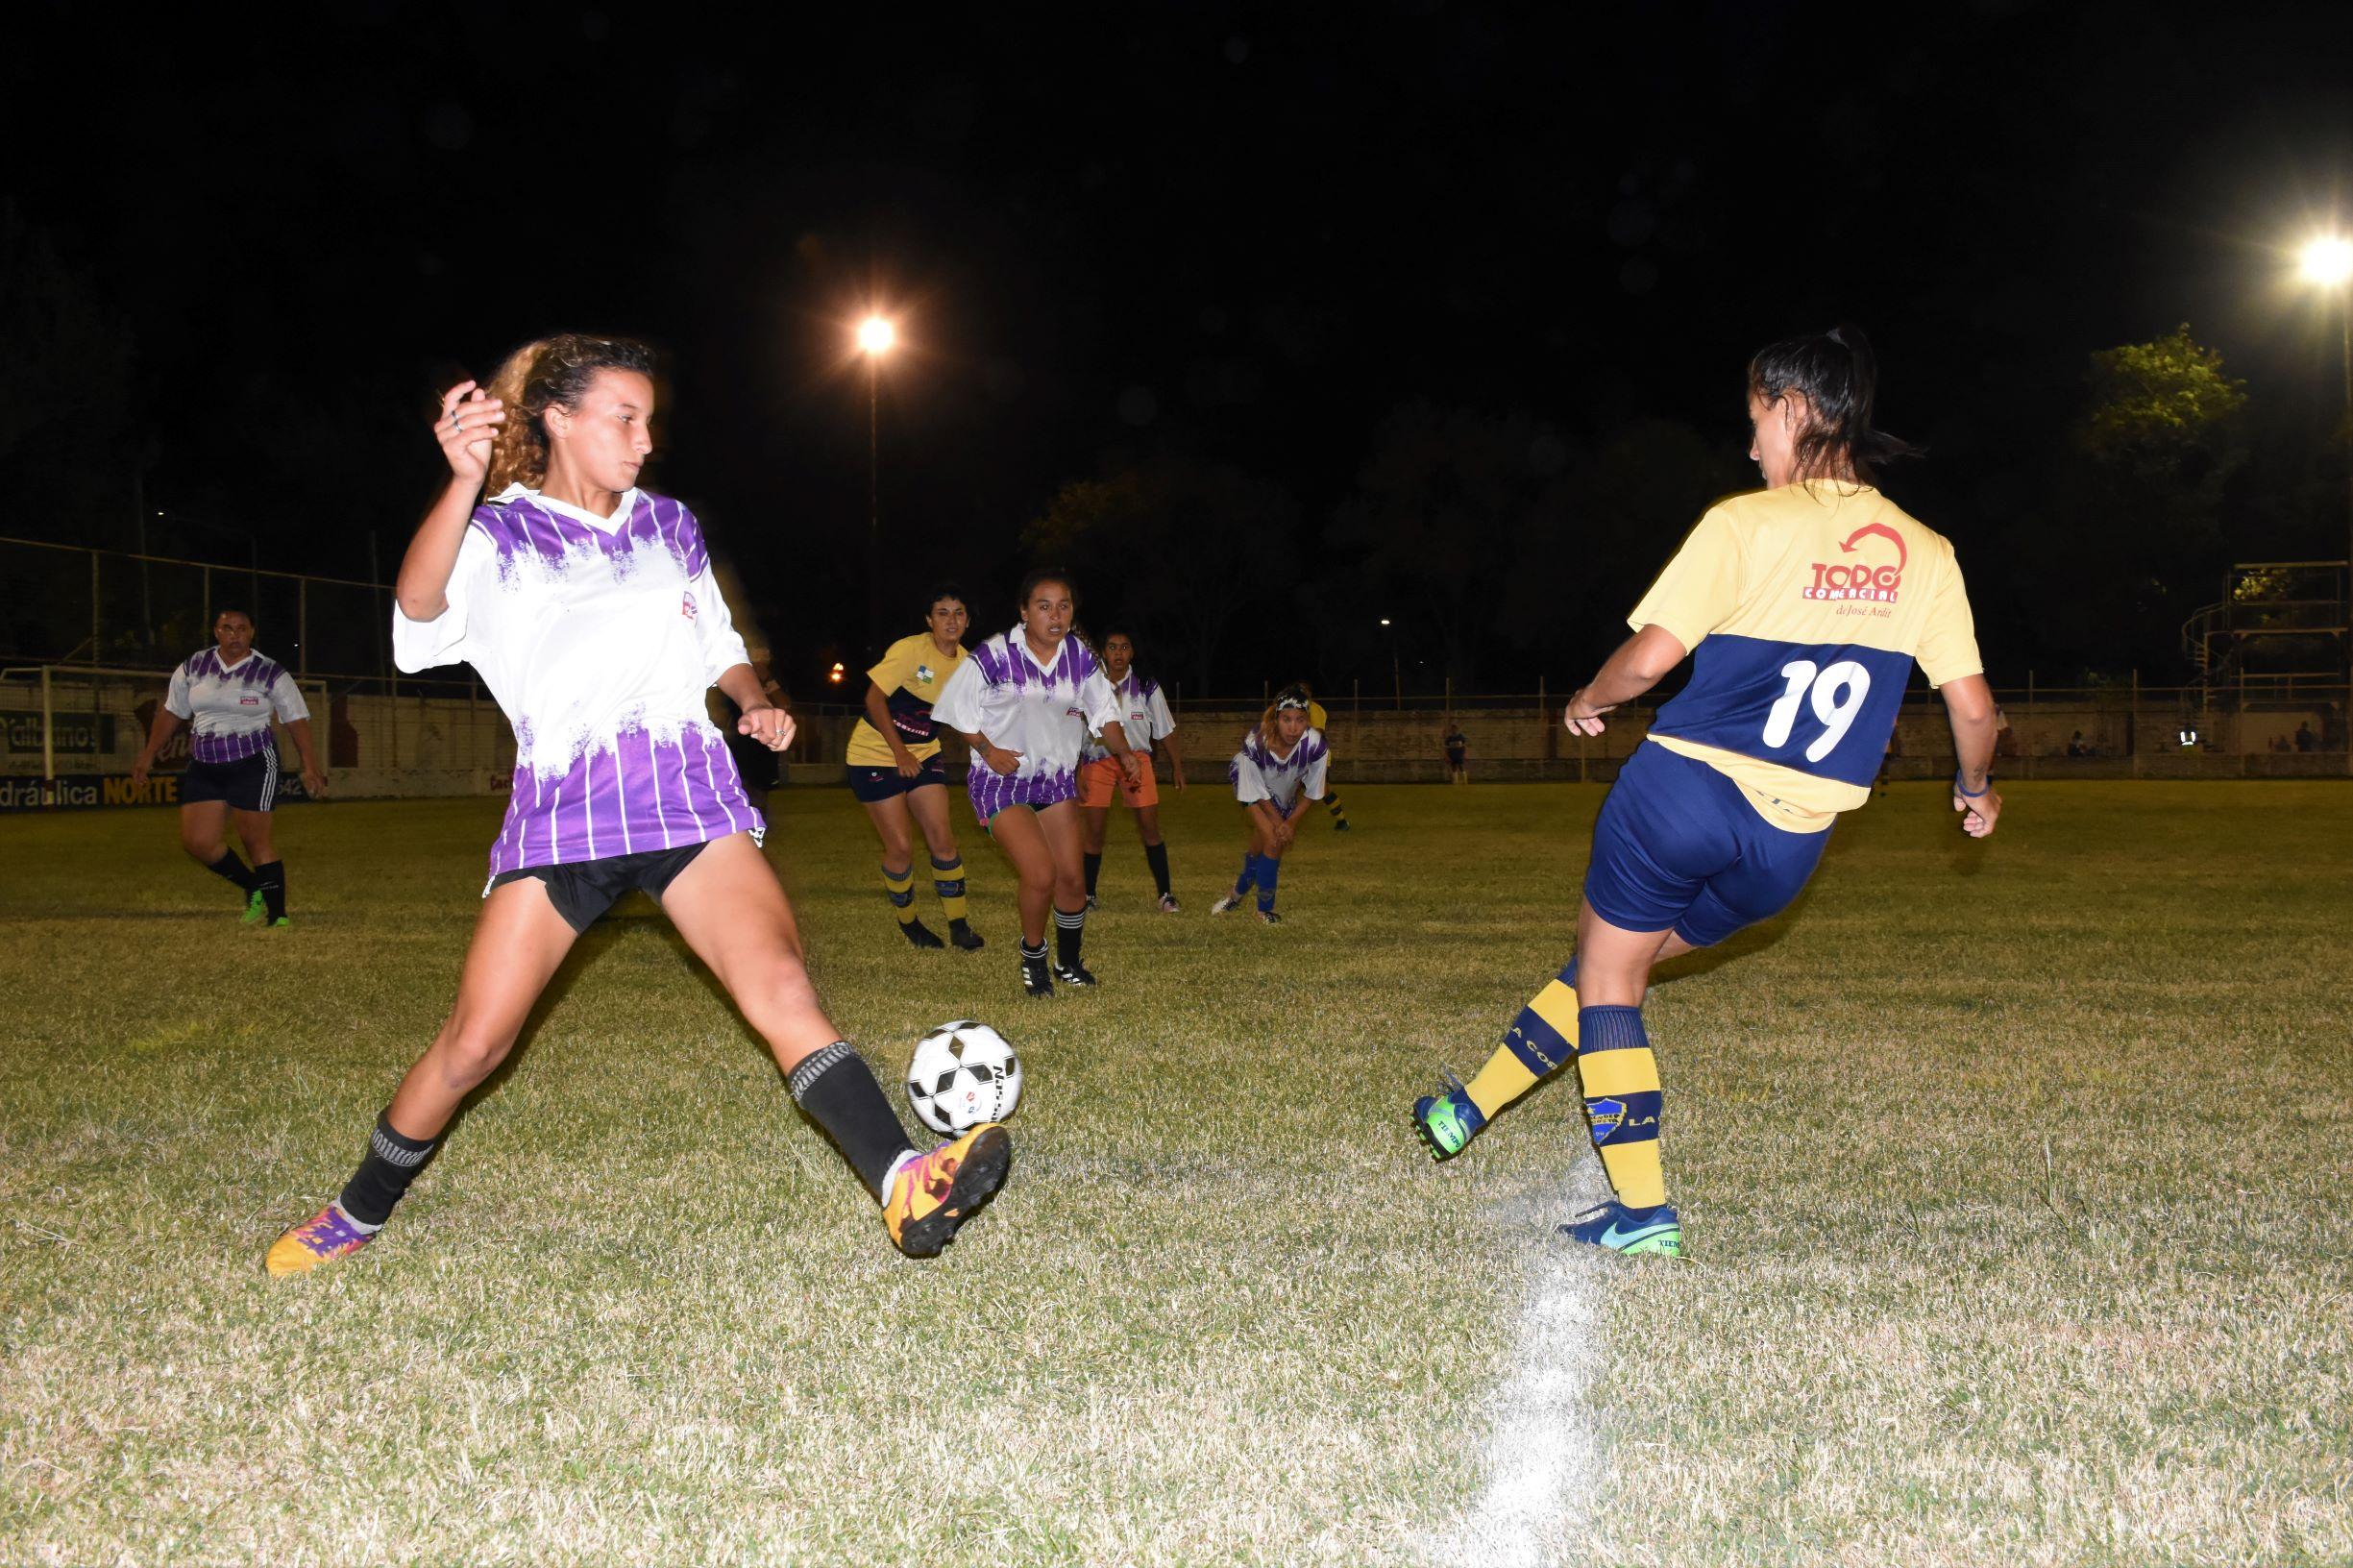 Mes de la Mujer: hoy nuevo encuentro del Torneo de Fútbol Femenino en Avellaneda